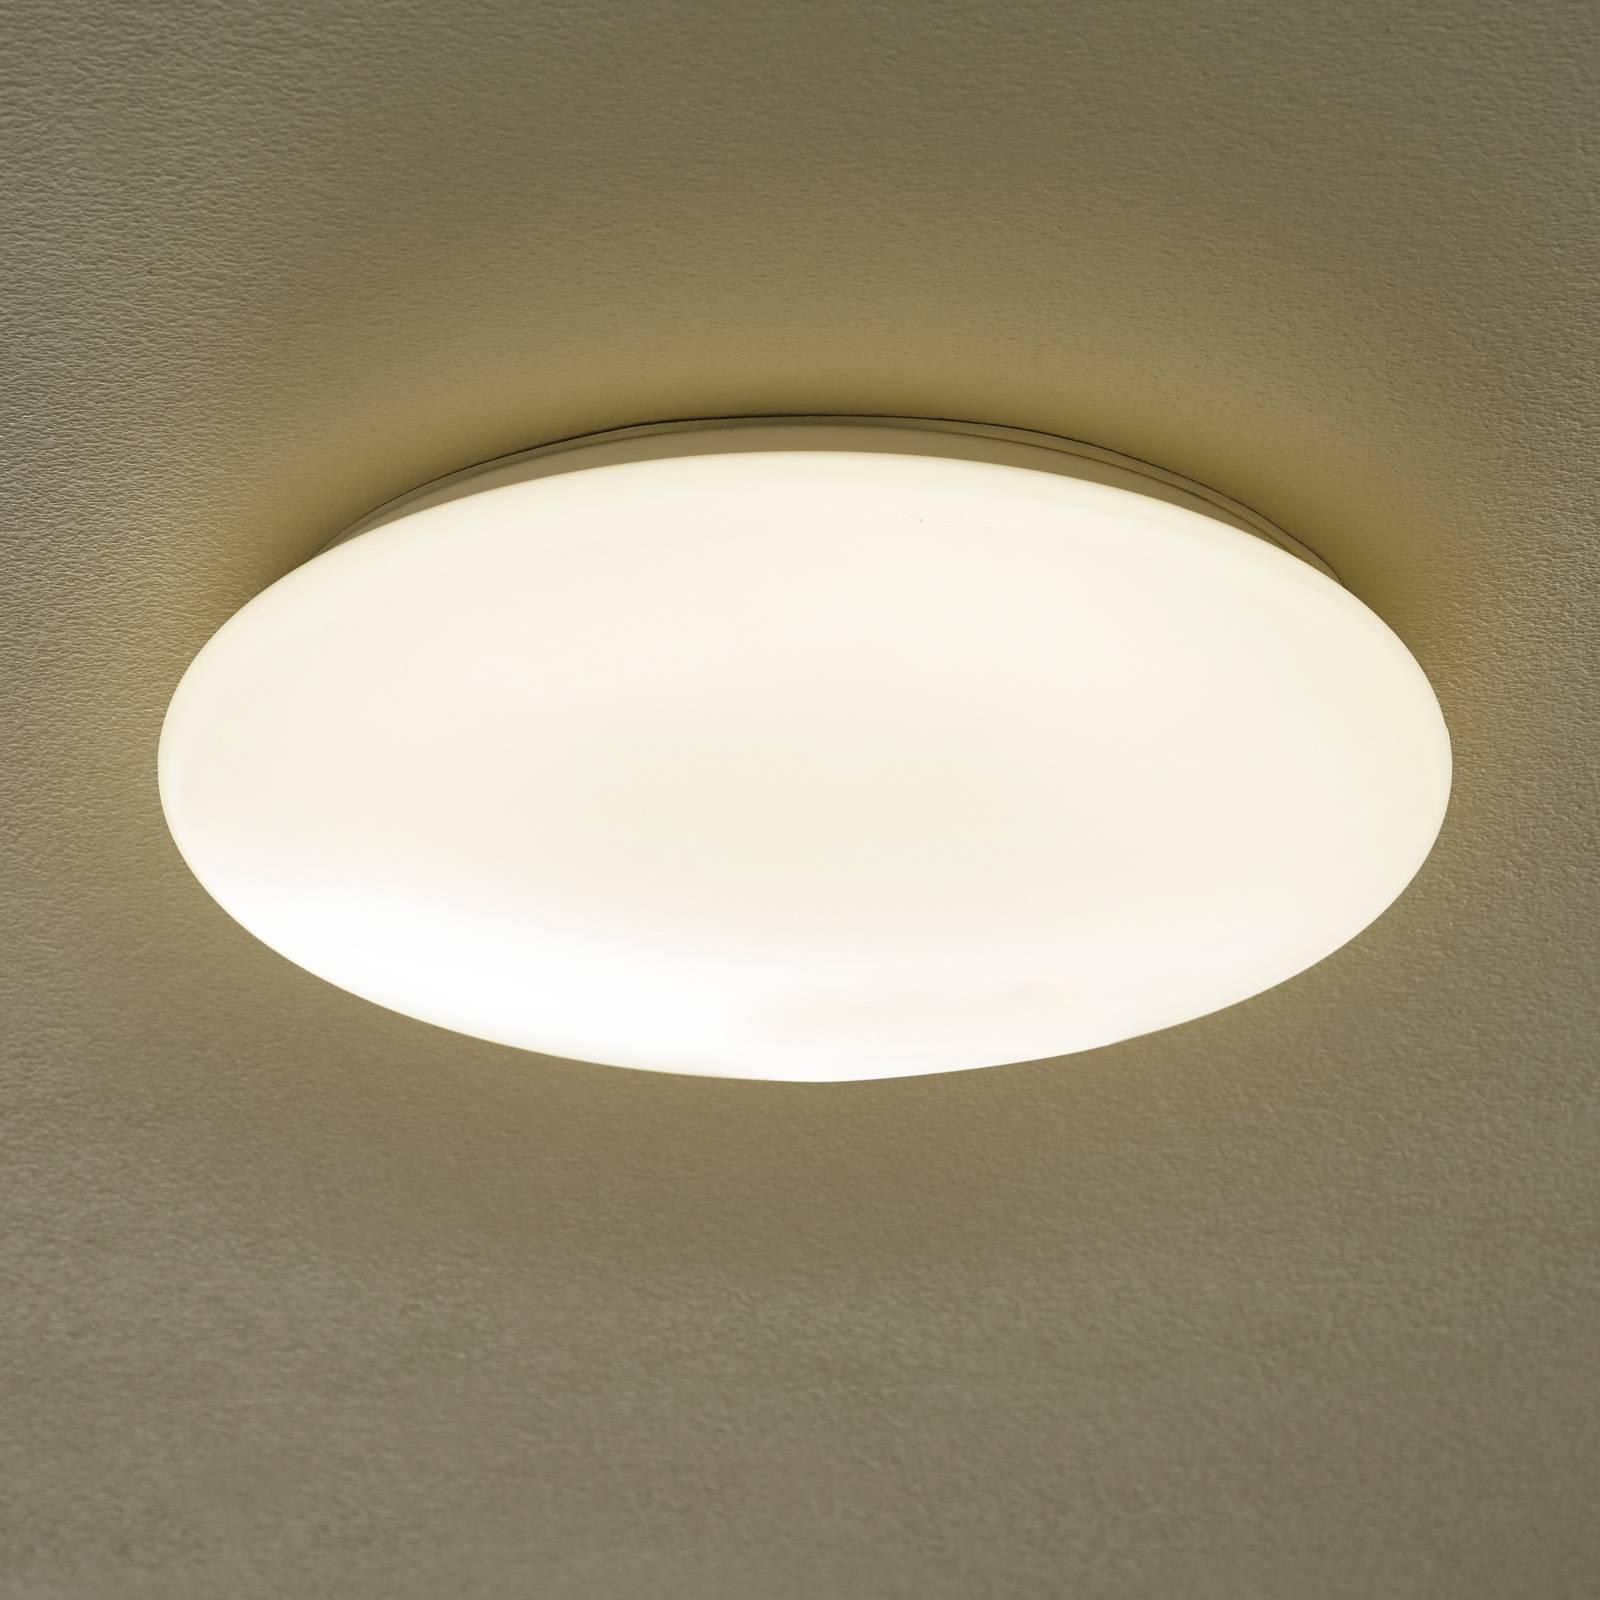 Altona-LED-kattovalo HF-tunnistin, 4 000 K 36 cm